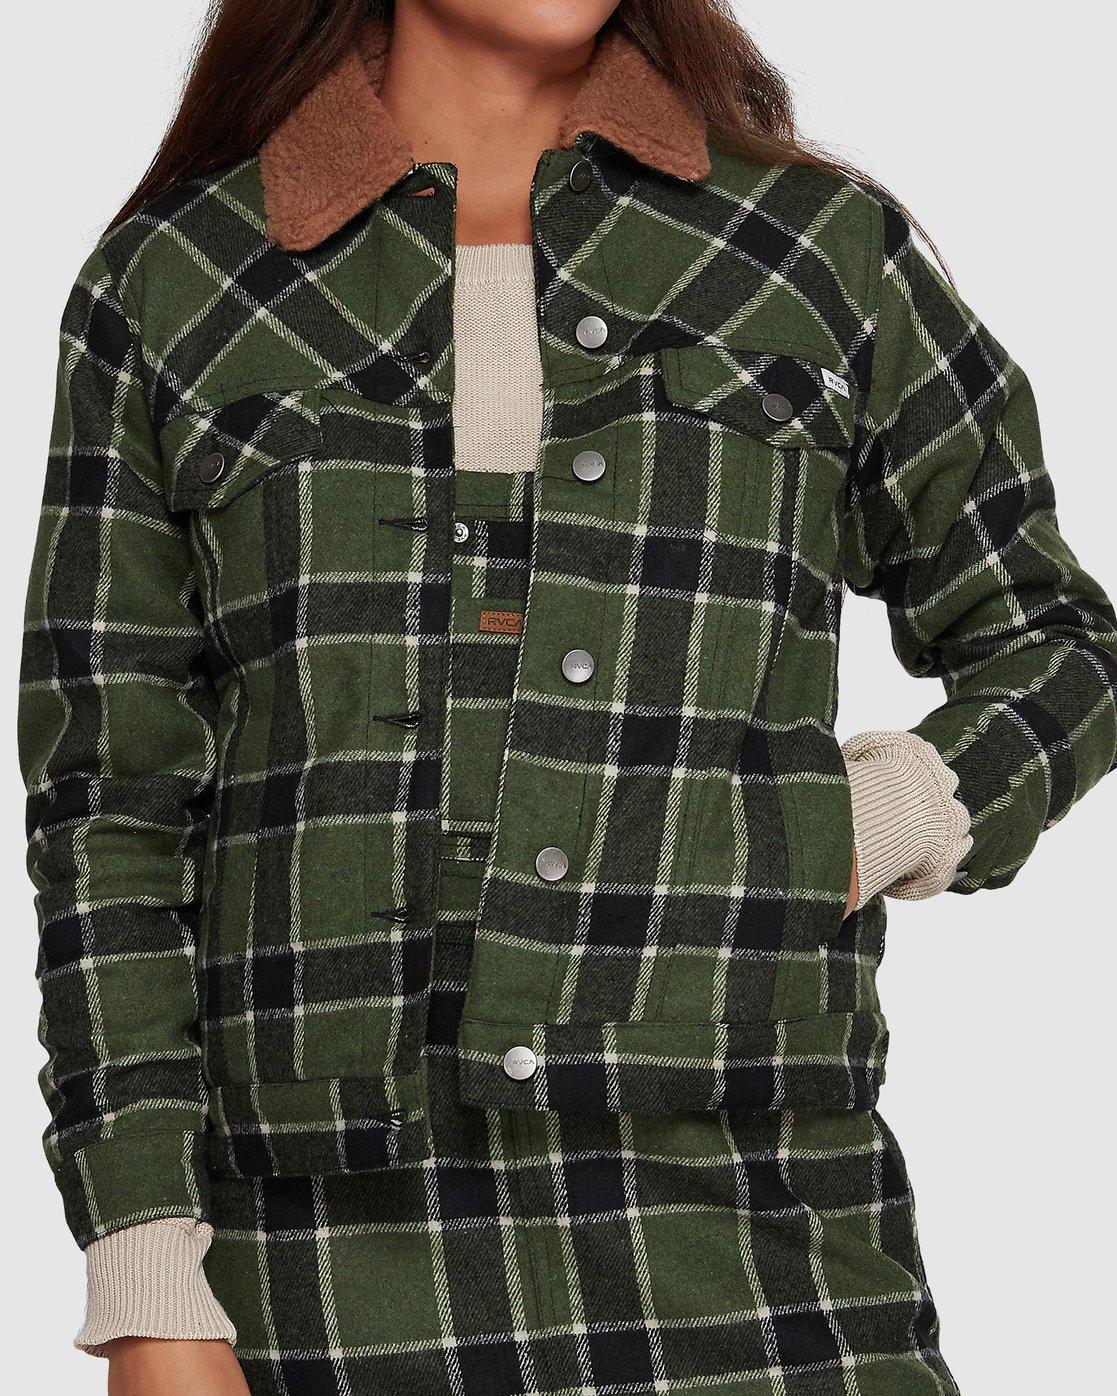 2 Plaid Merc Jacket - Green Green R207435 RVCA